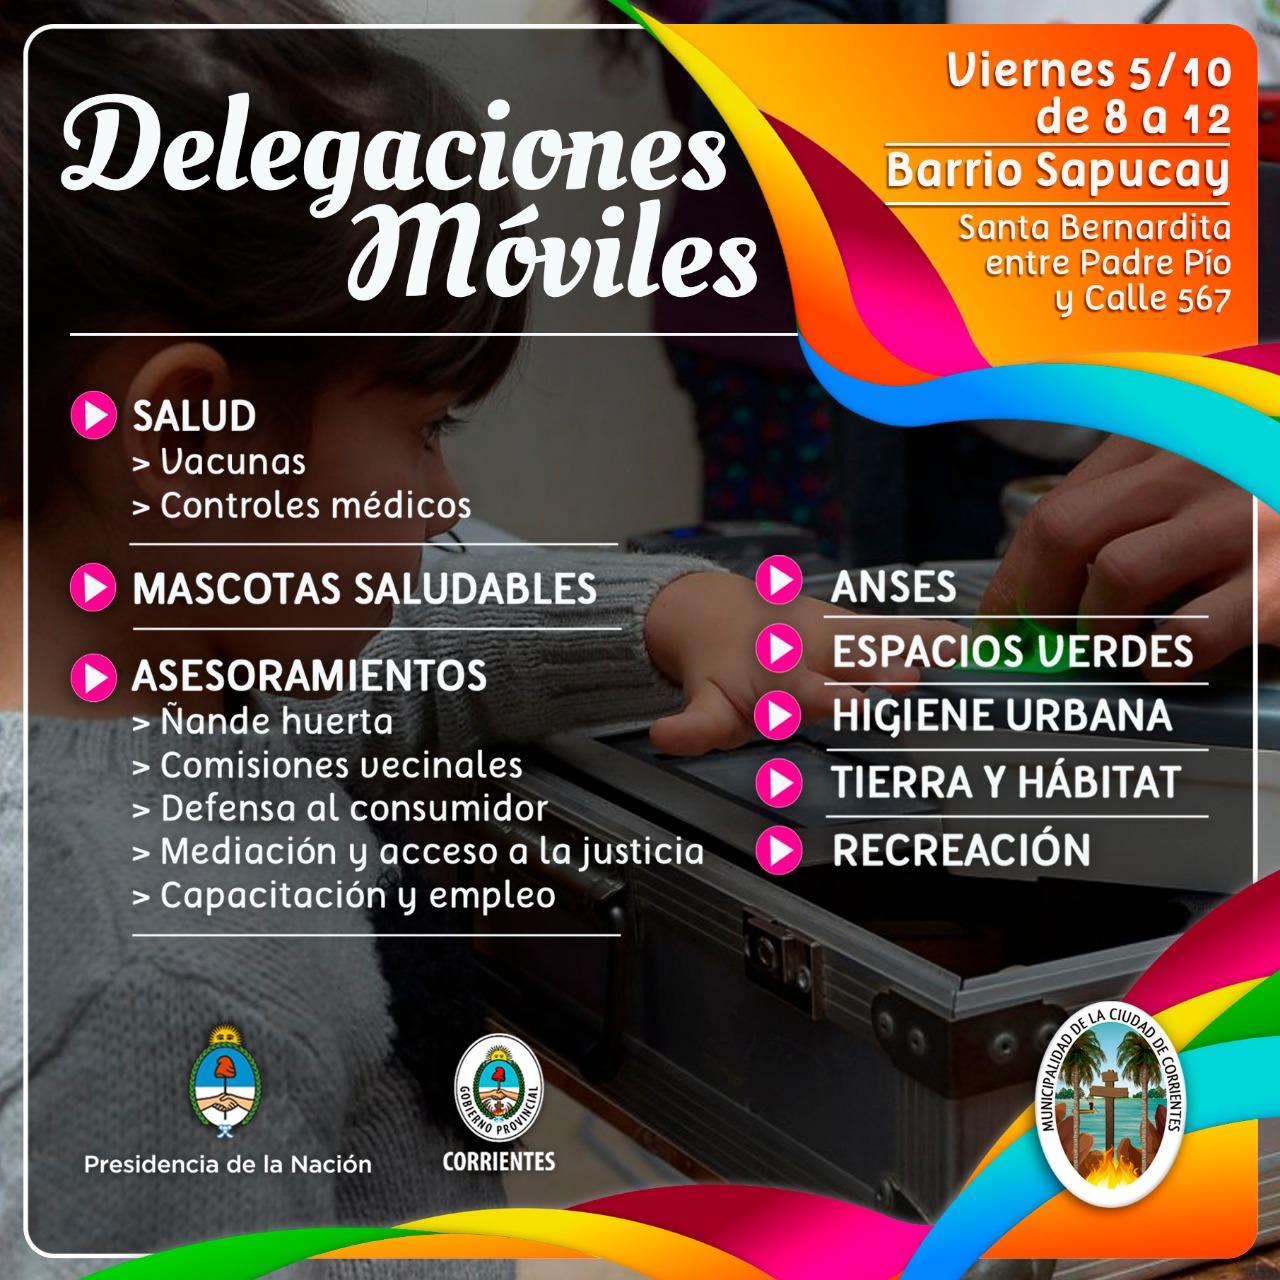 El operativo integral Delegaciones Móviles llega al barrio Sapucay